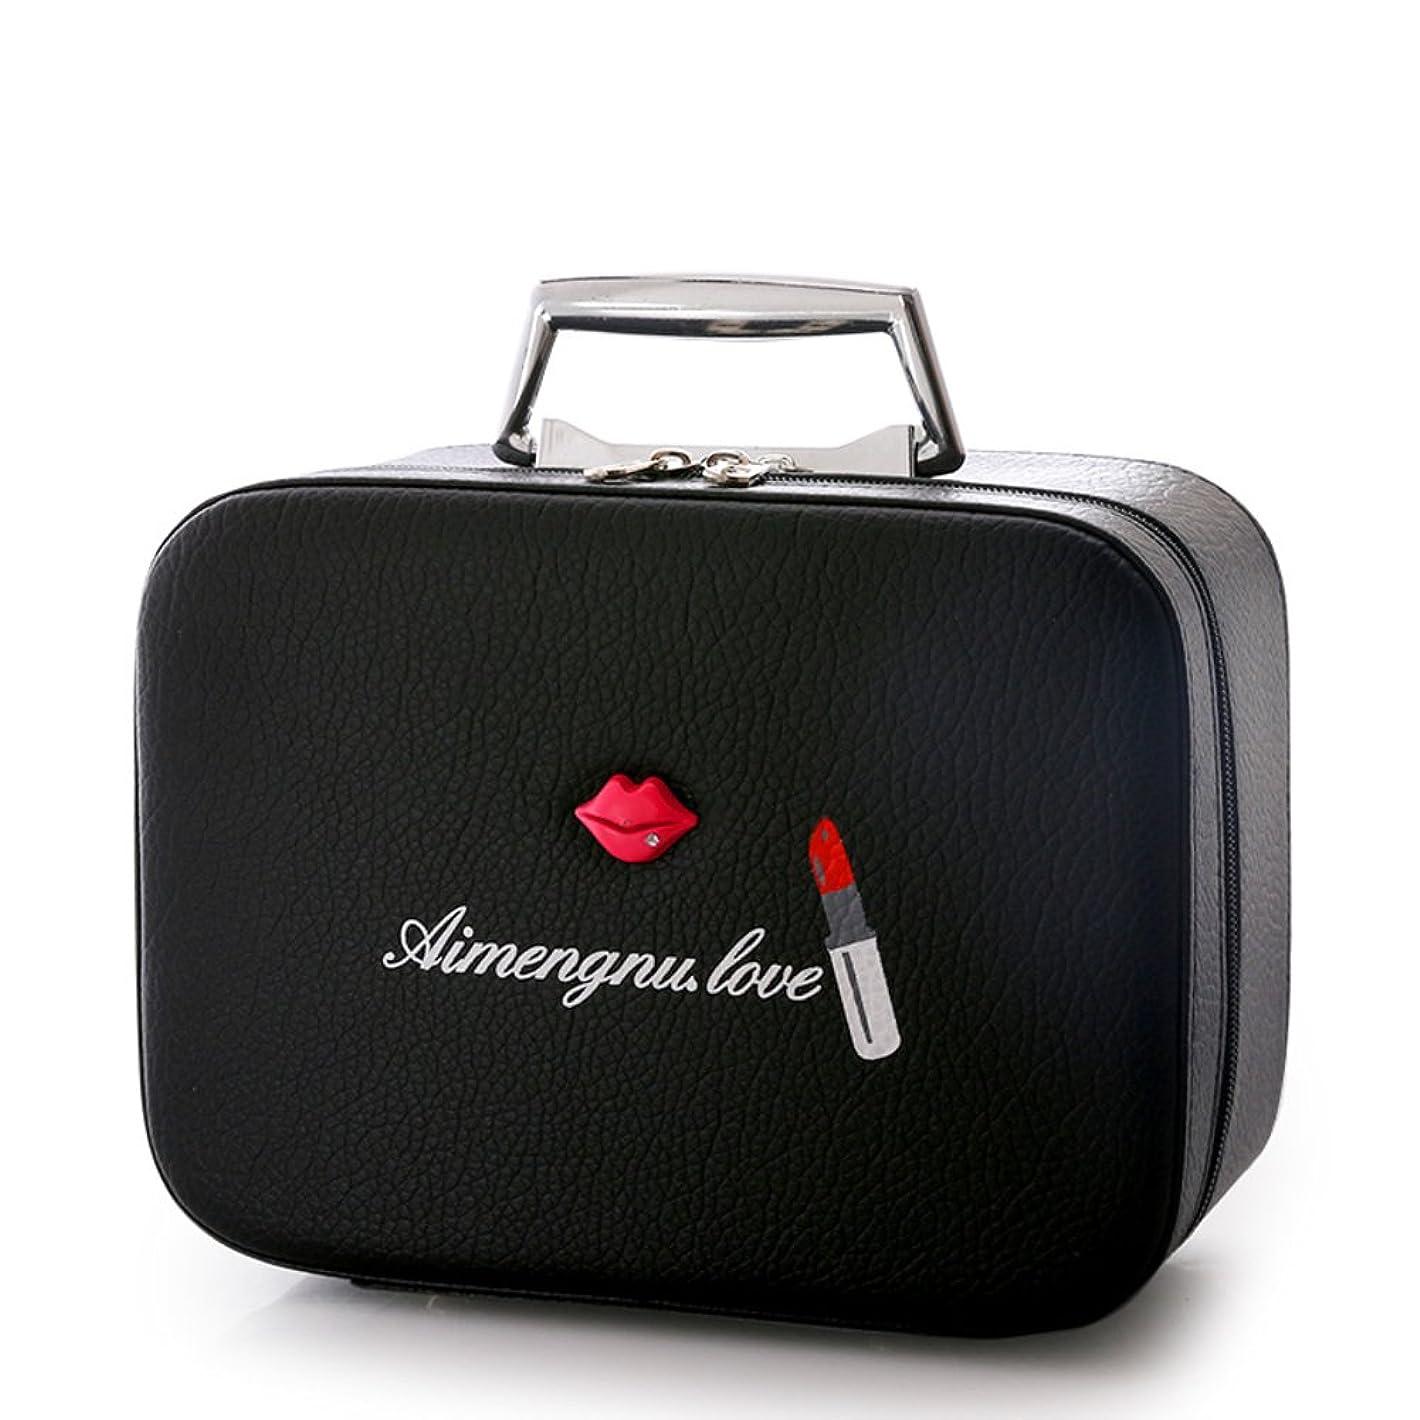 可能製造磁気化粧ポーチ 小さい, 化粧バッグ旅行 ポータブル な 大容量 かわいい 多機能 唇 収納ボックス 女性化粧品バッグ-Negro B 25x12x18cm(10x5x7inch)